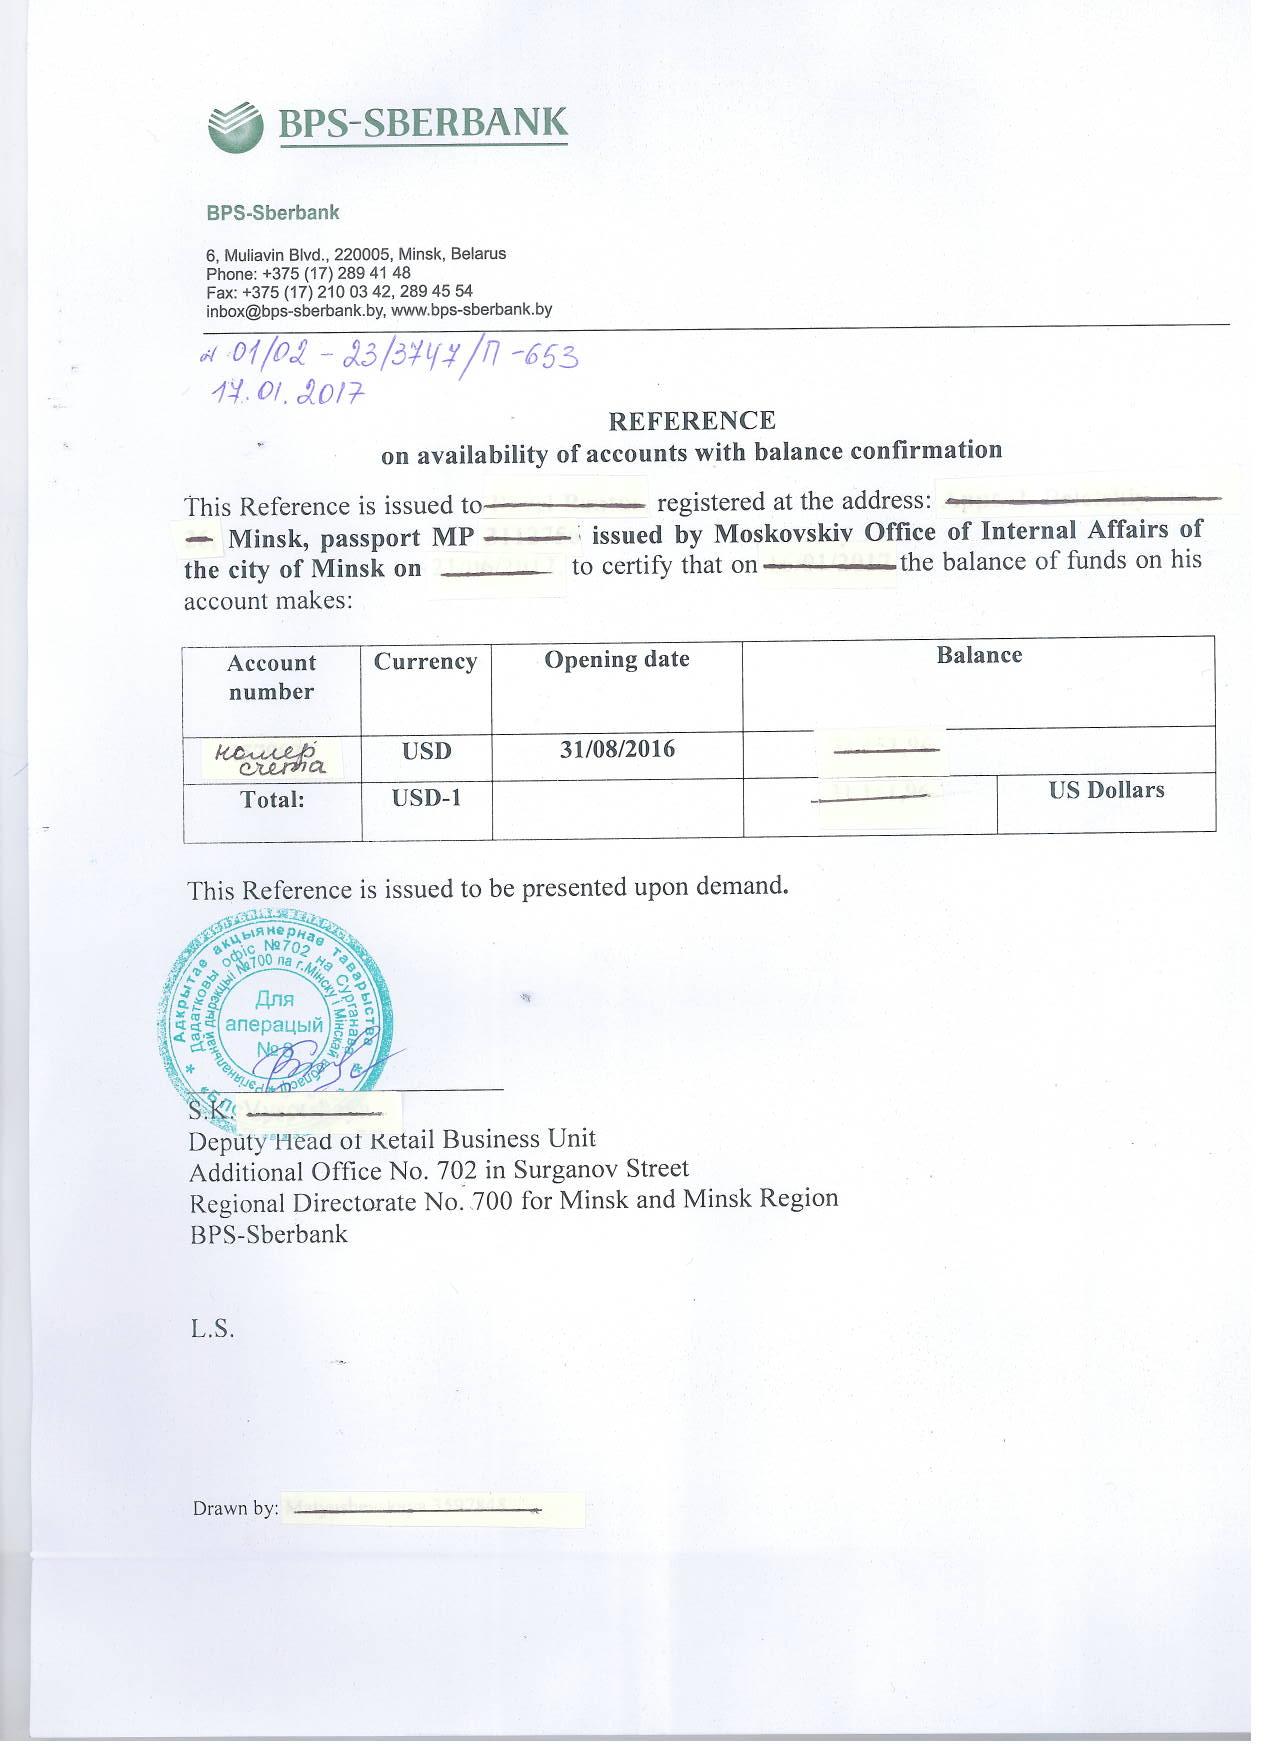 Срок действия выписки из банка для шенгенской визы справки ндфл для получения кредита купить